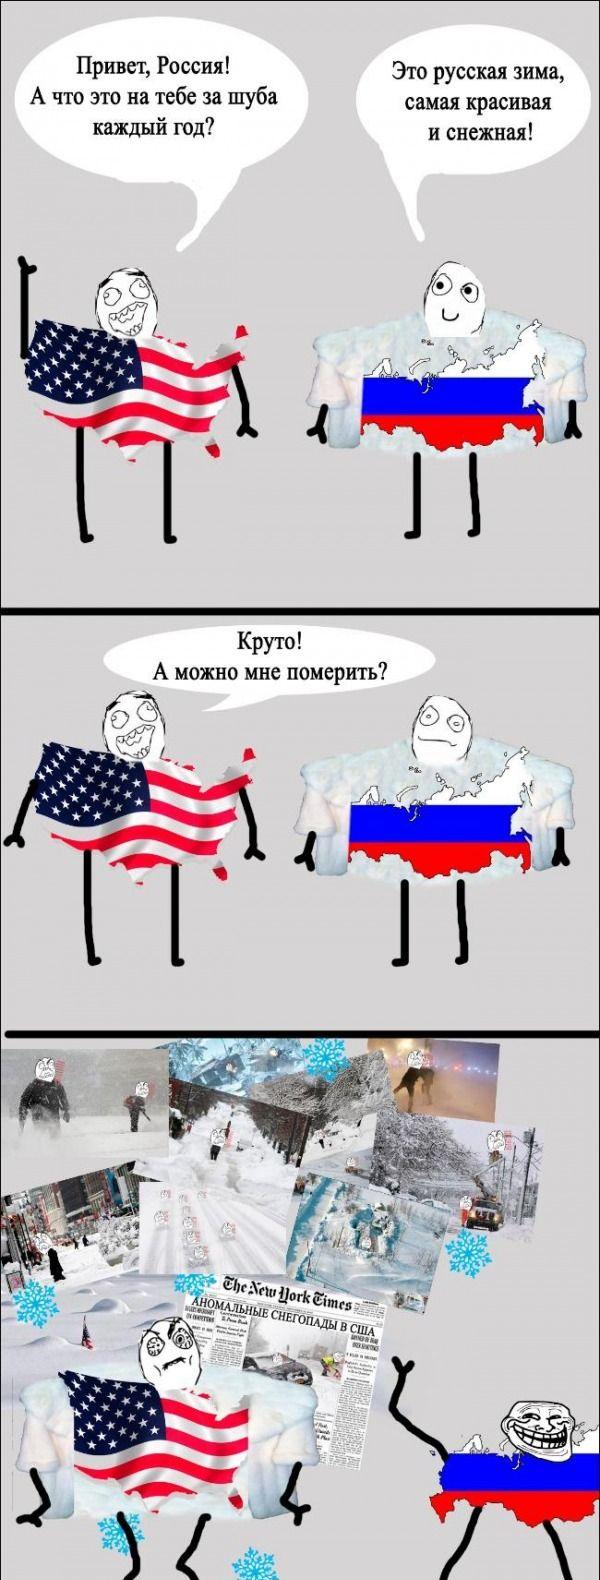 Сша и россия прикольные картинки